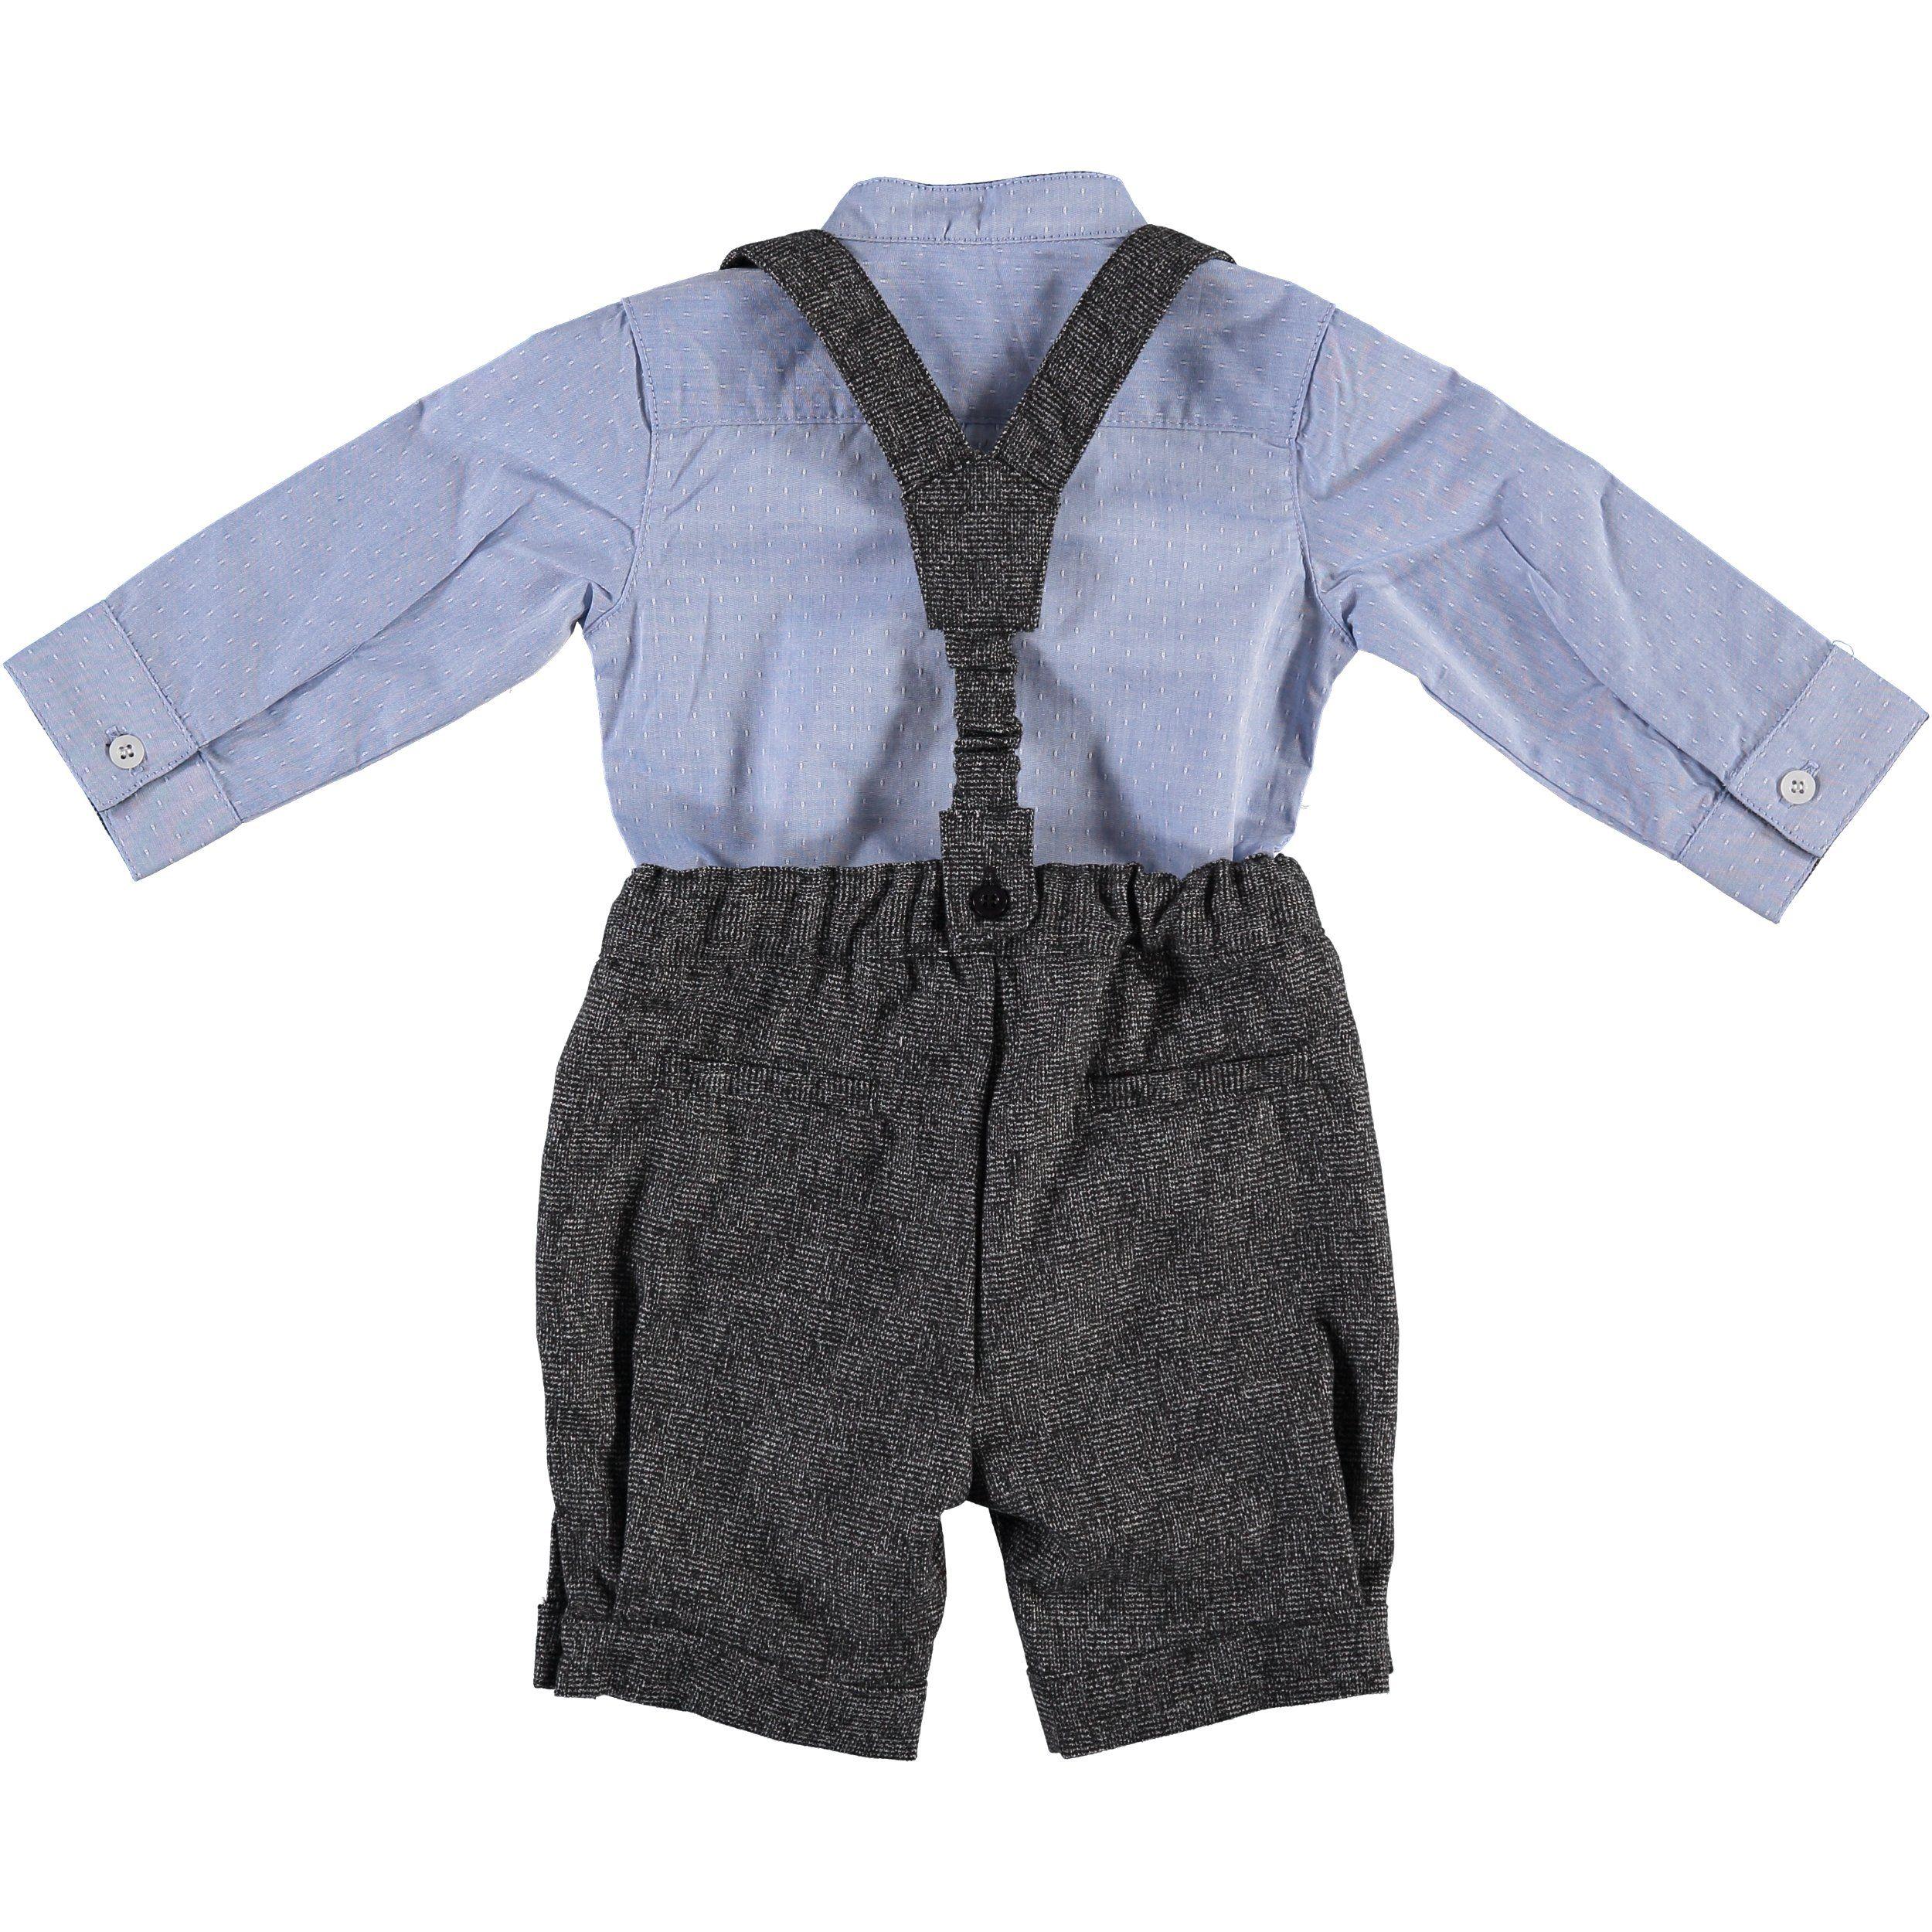 07c52e3db Baby Boy Grey Dress Shorts - raveitsafe